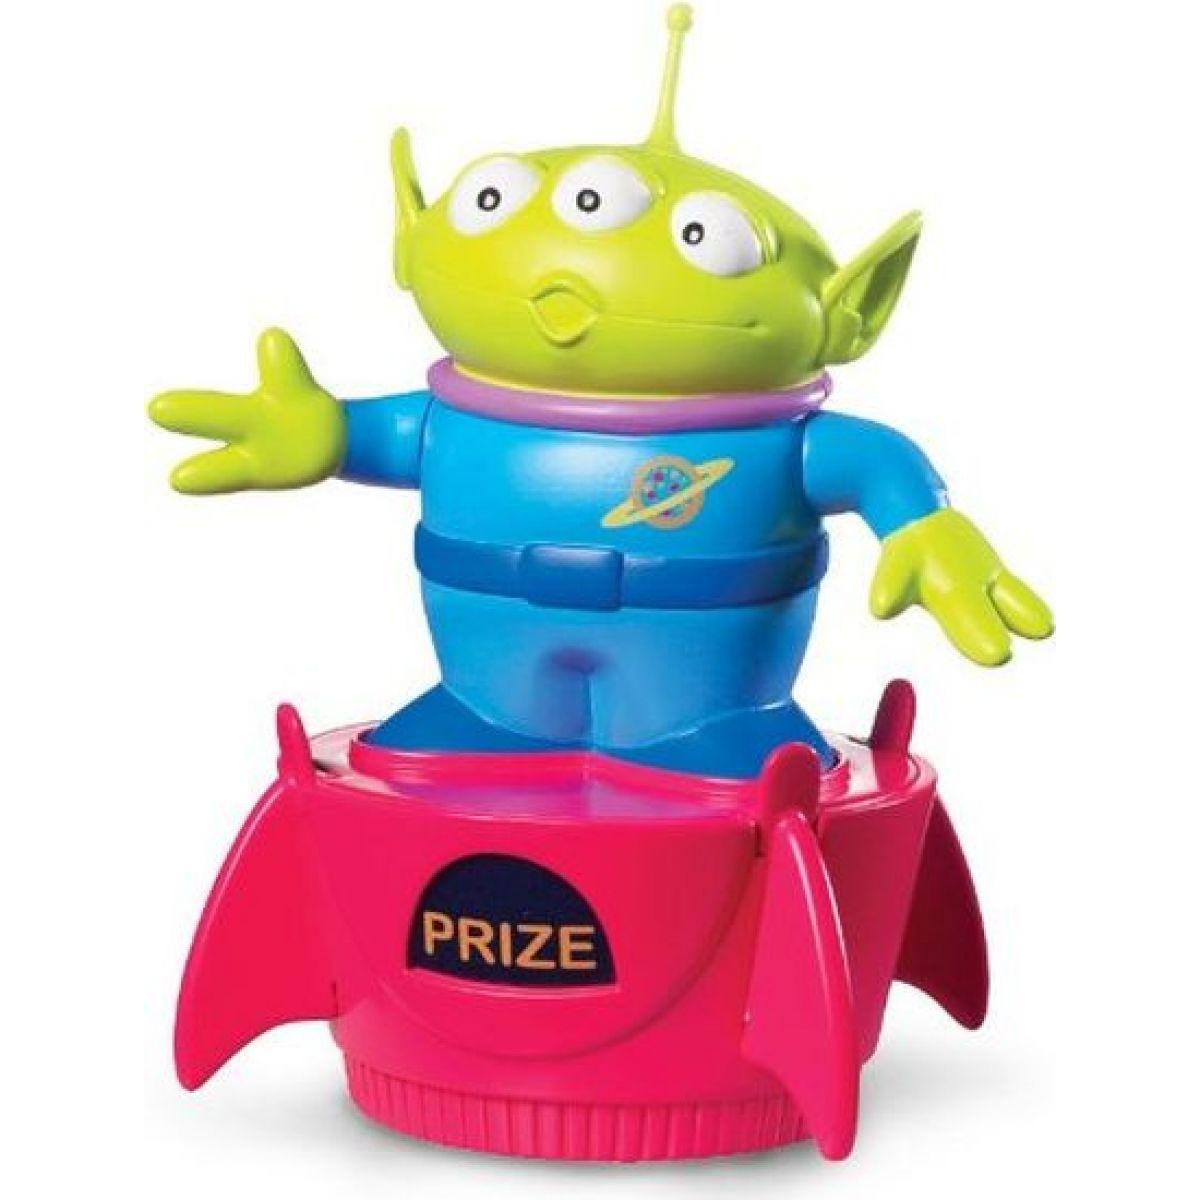 Mattel Figurka Toy Story 3 - Alien